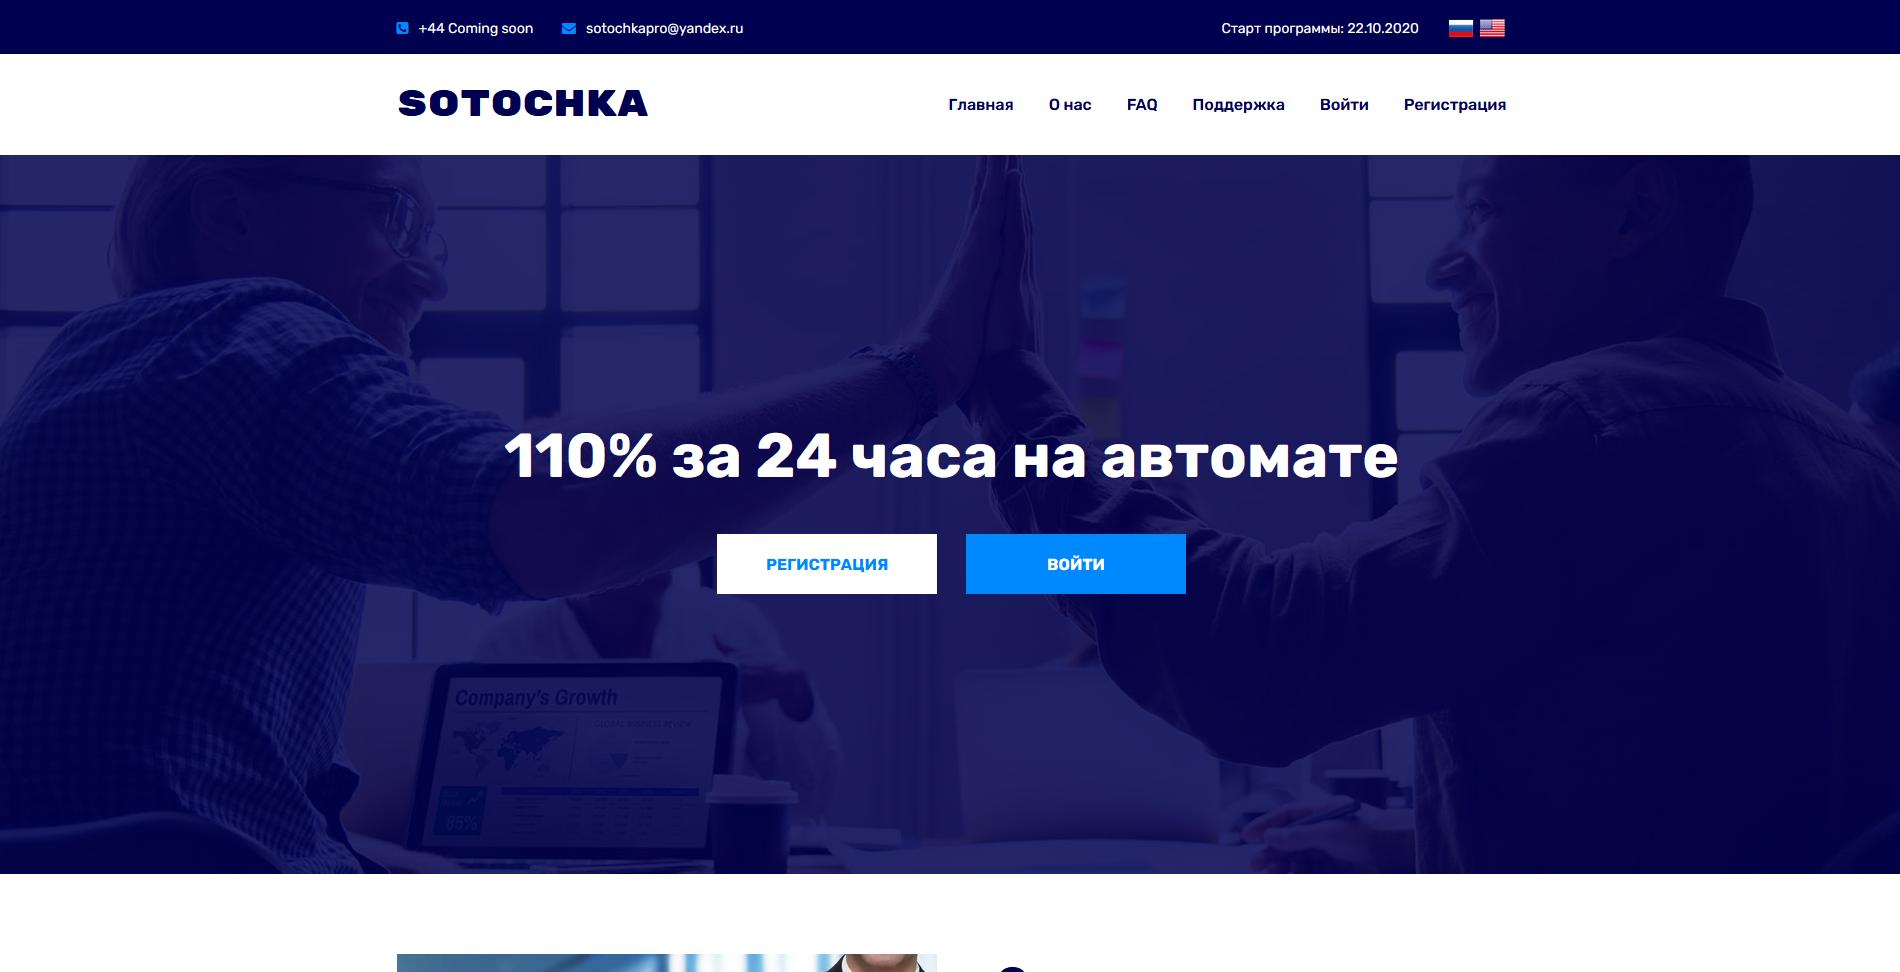 sotochka